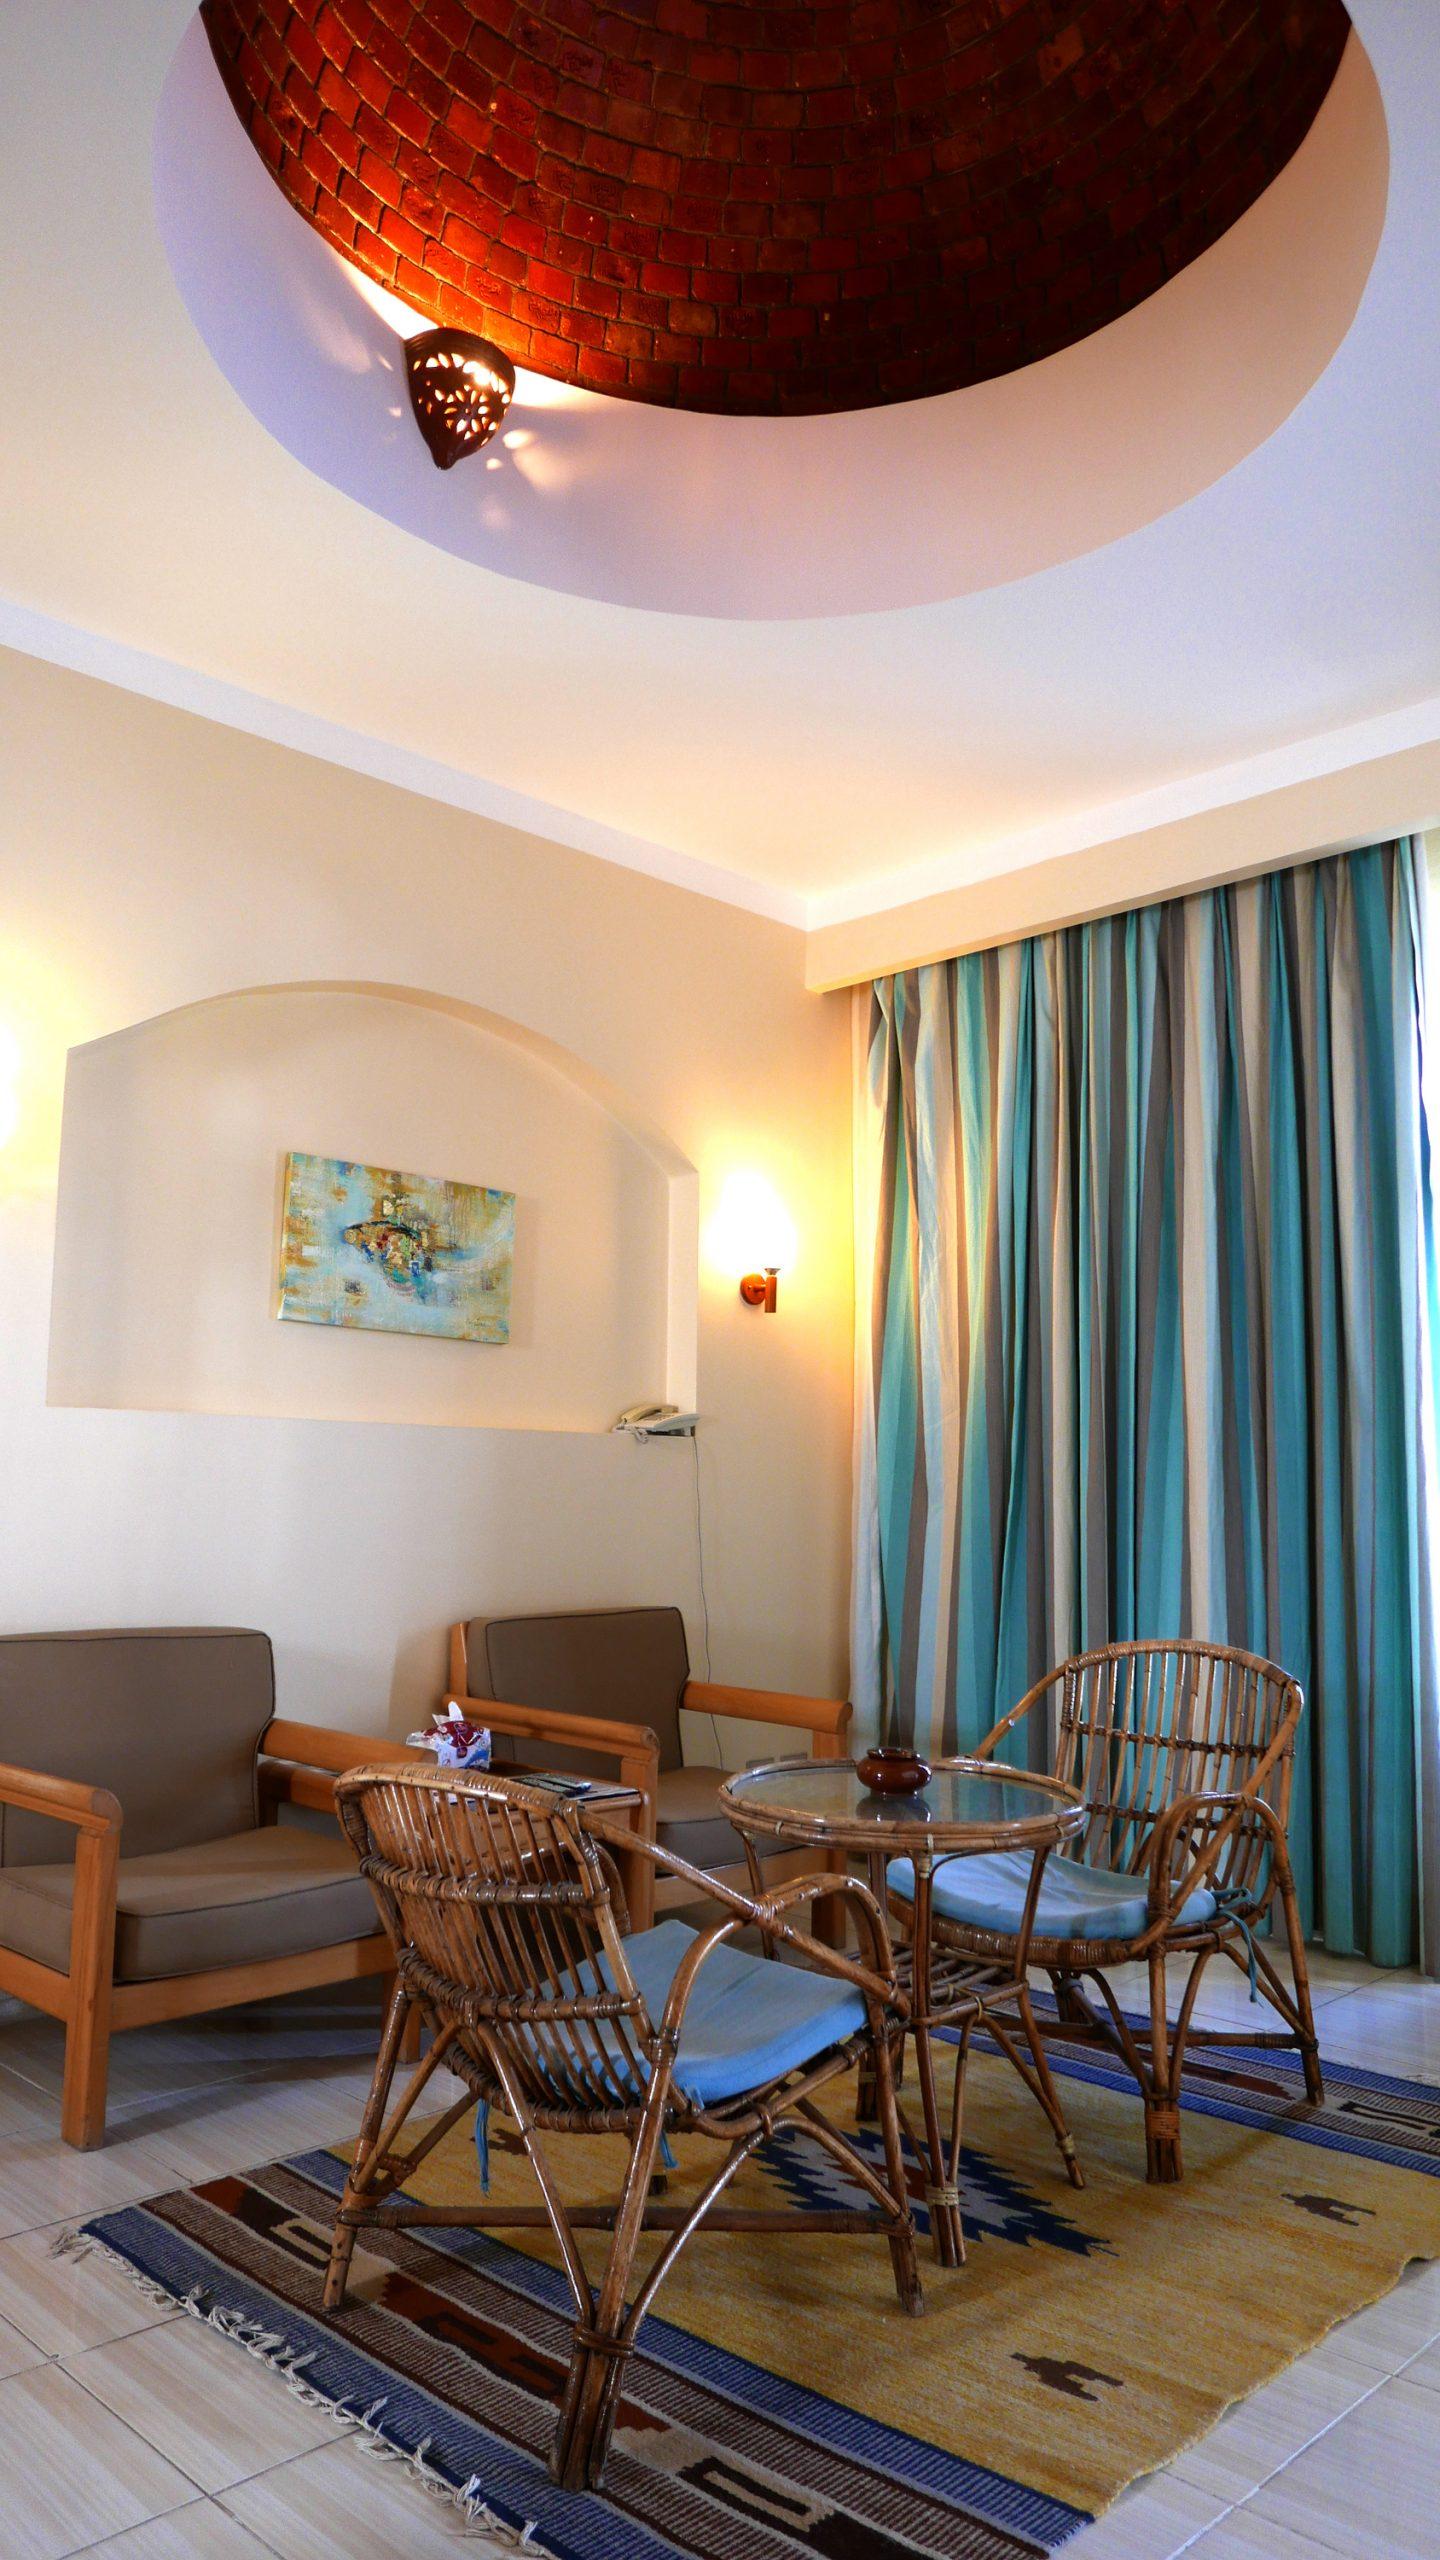 sheikh ali dahab resort suite